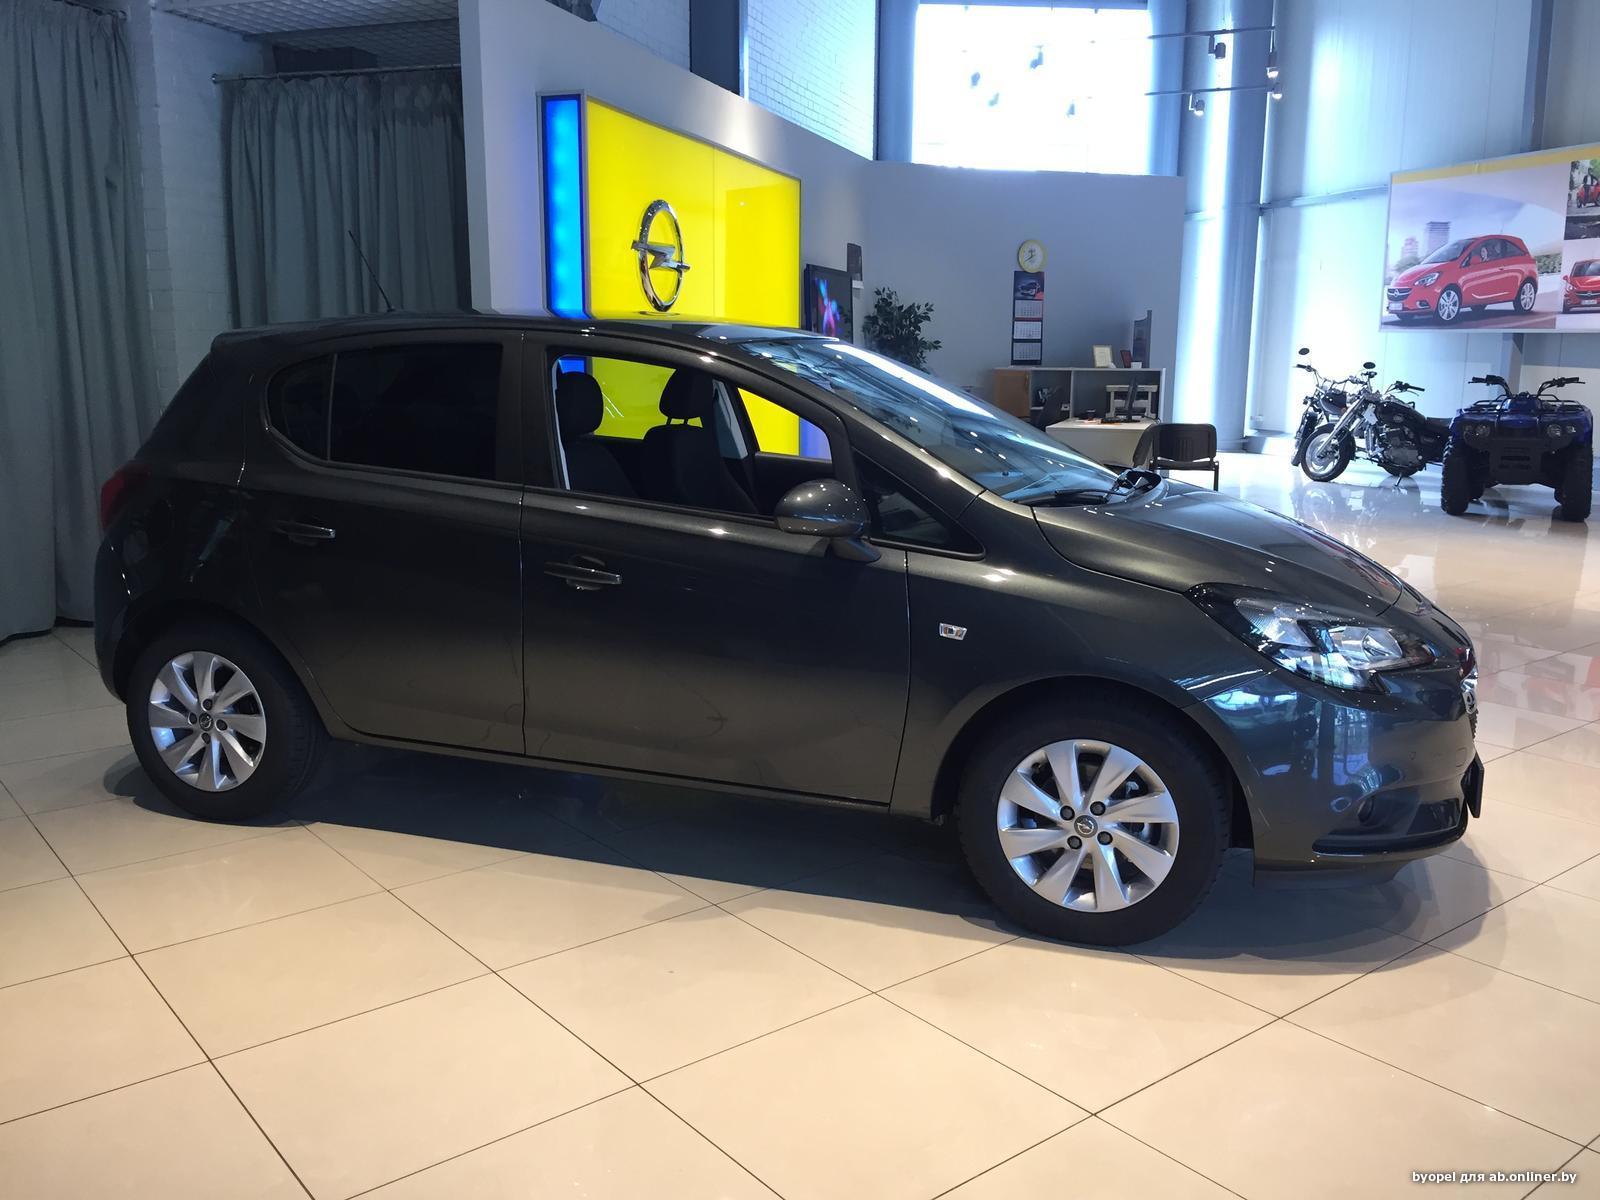 Opel Corsa E 1.4 MT